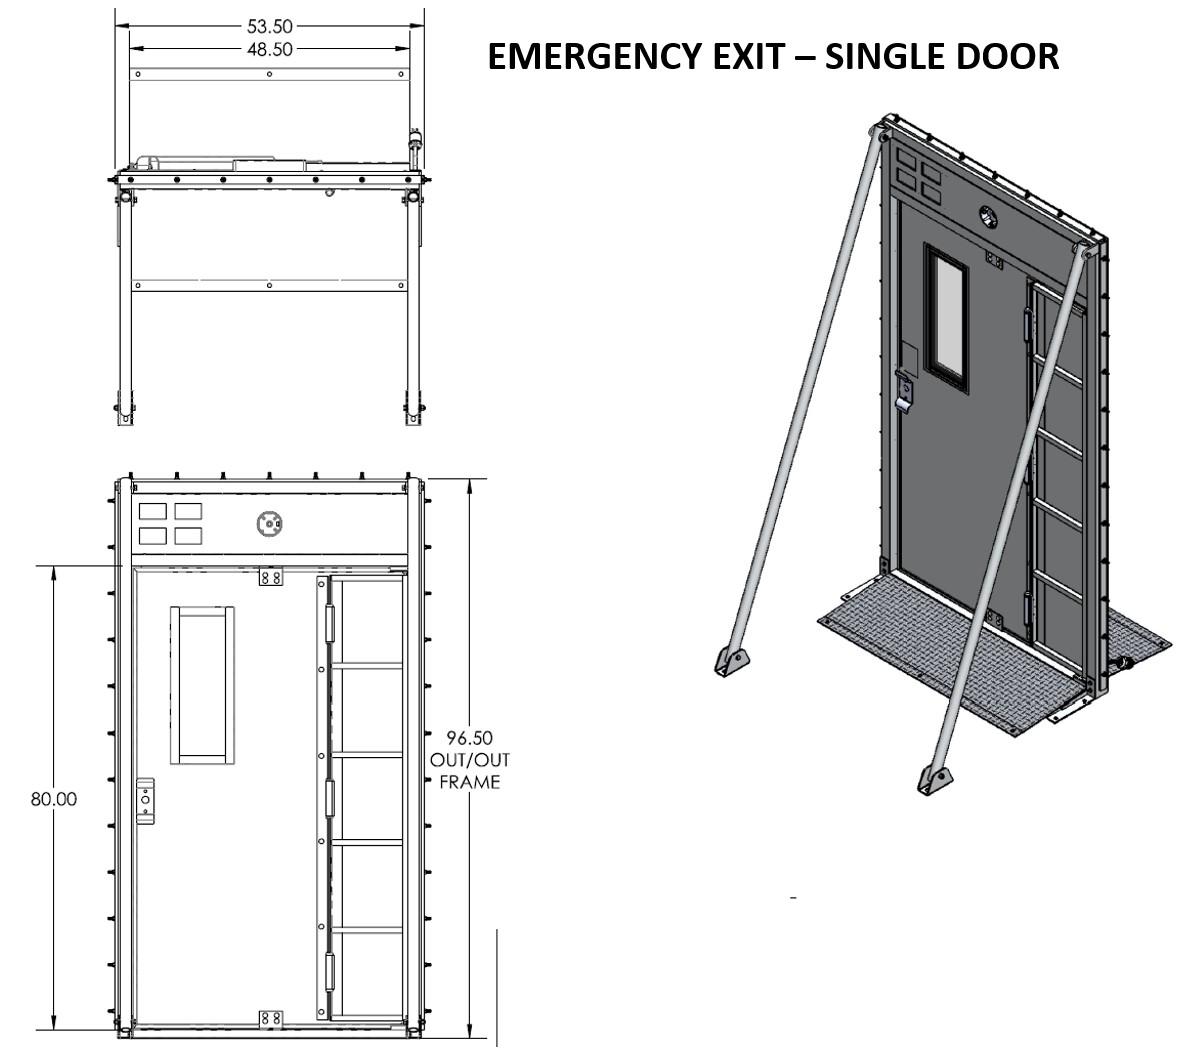 air dome emergency exit door design